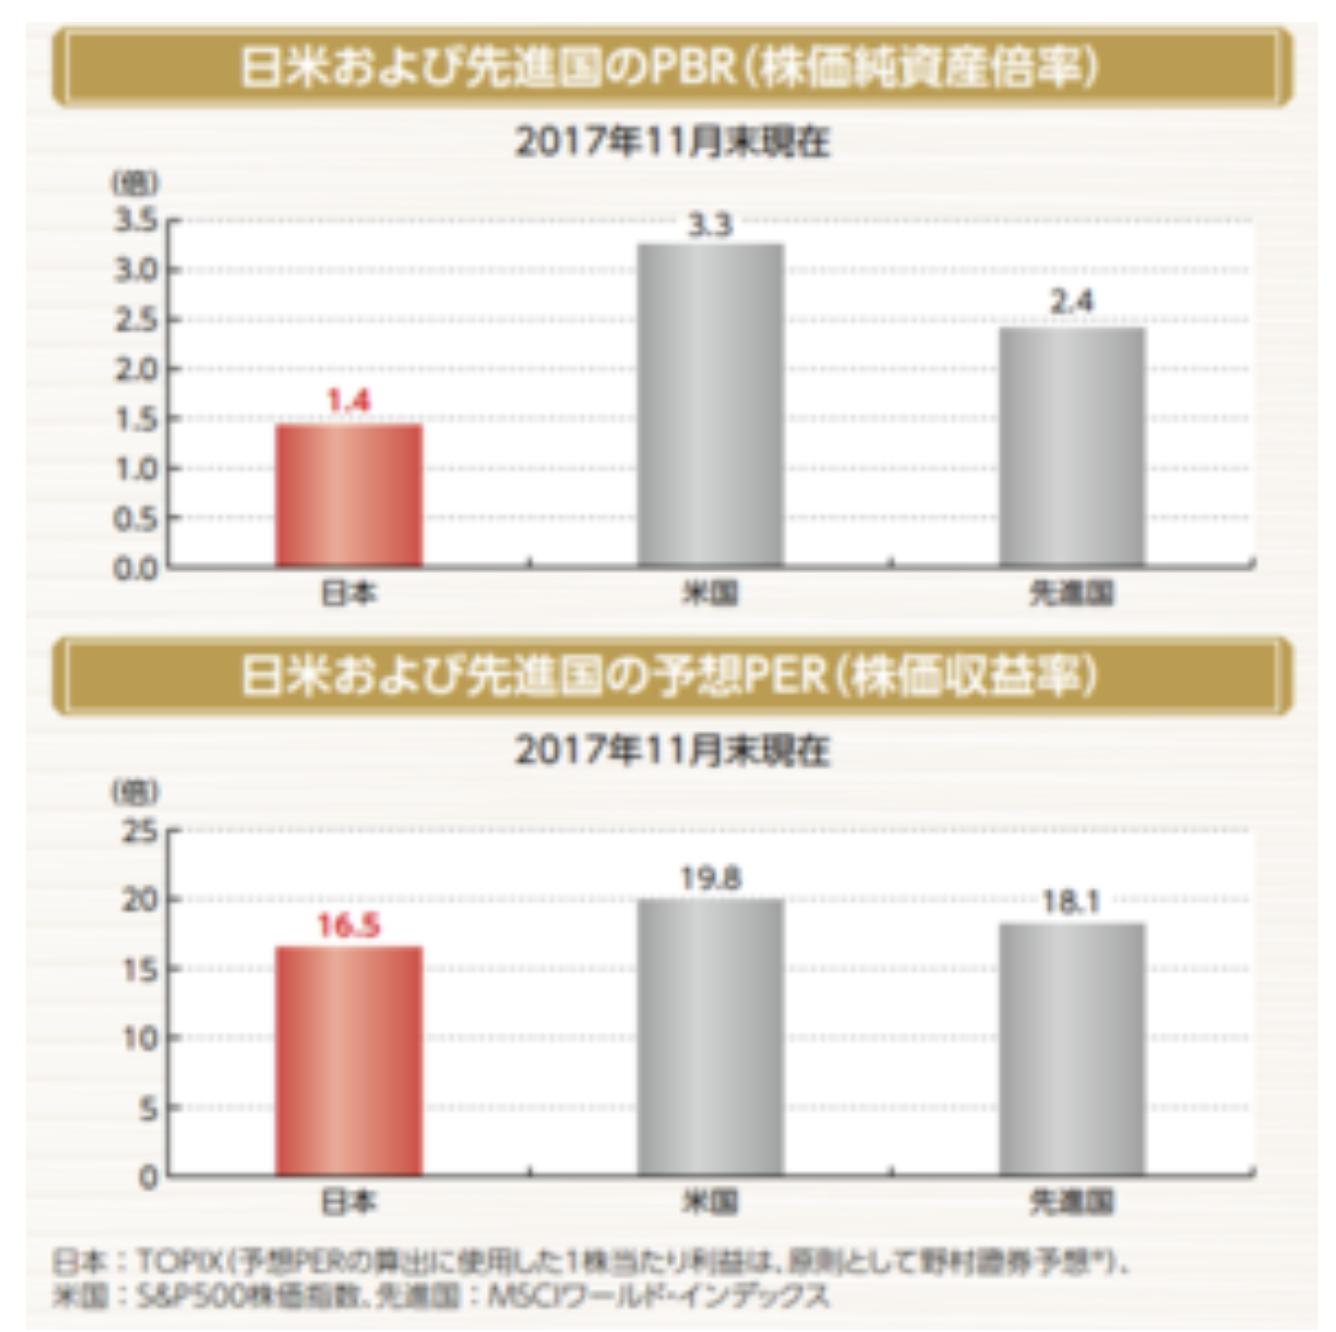 日米及び先進国のPBR